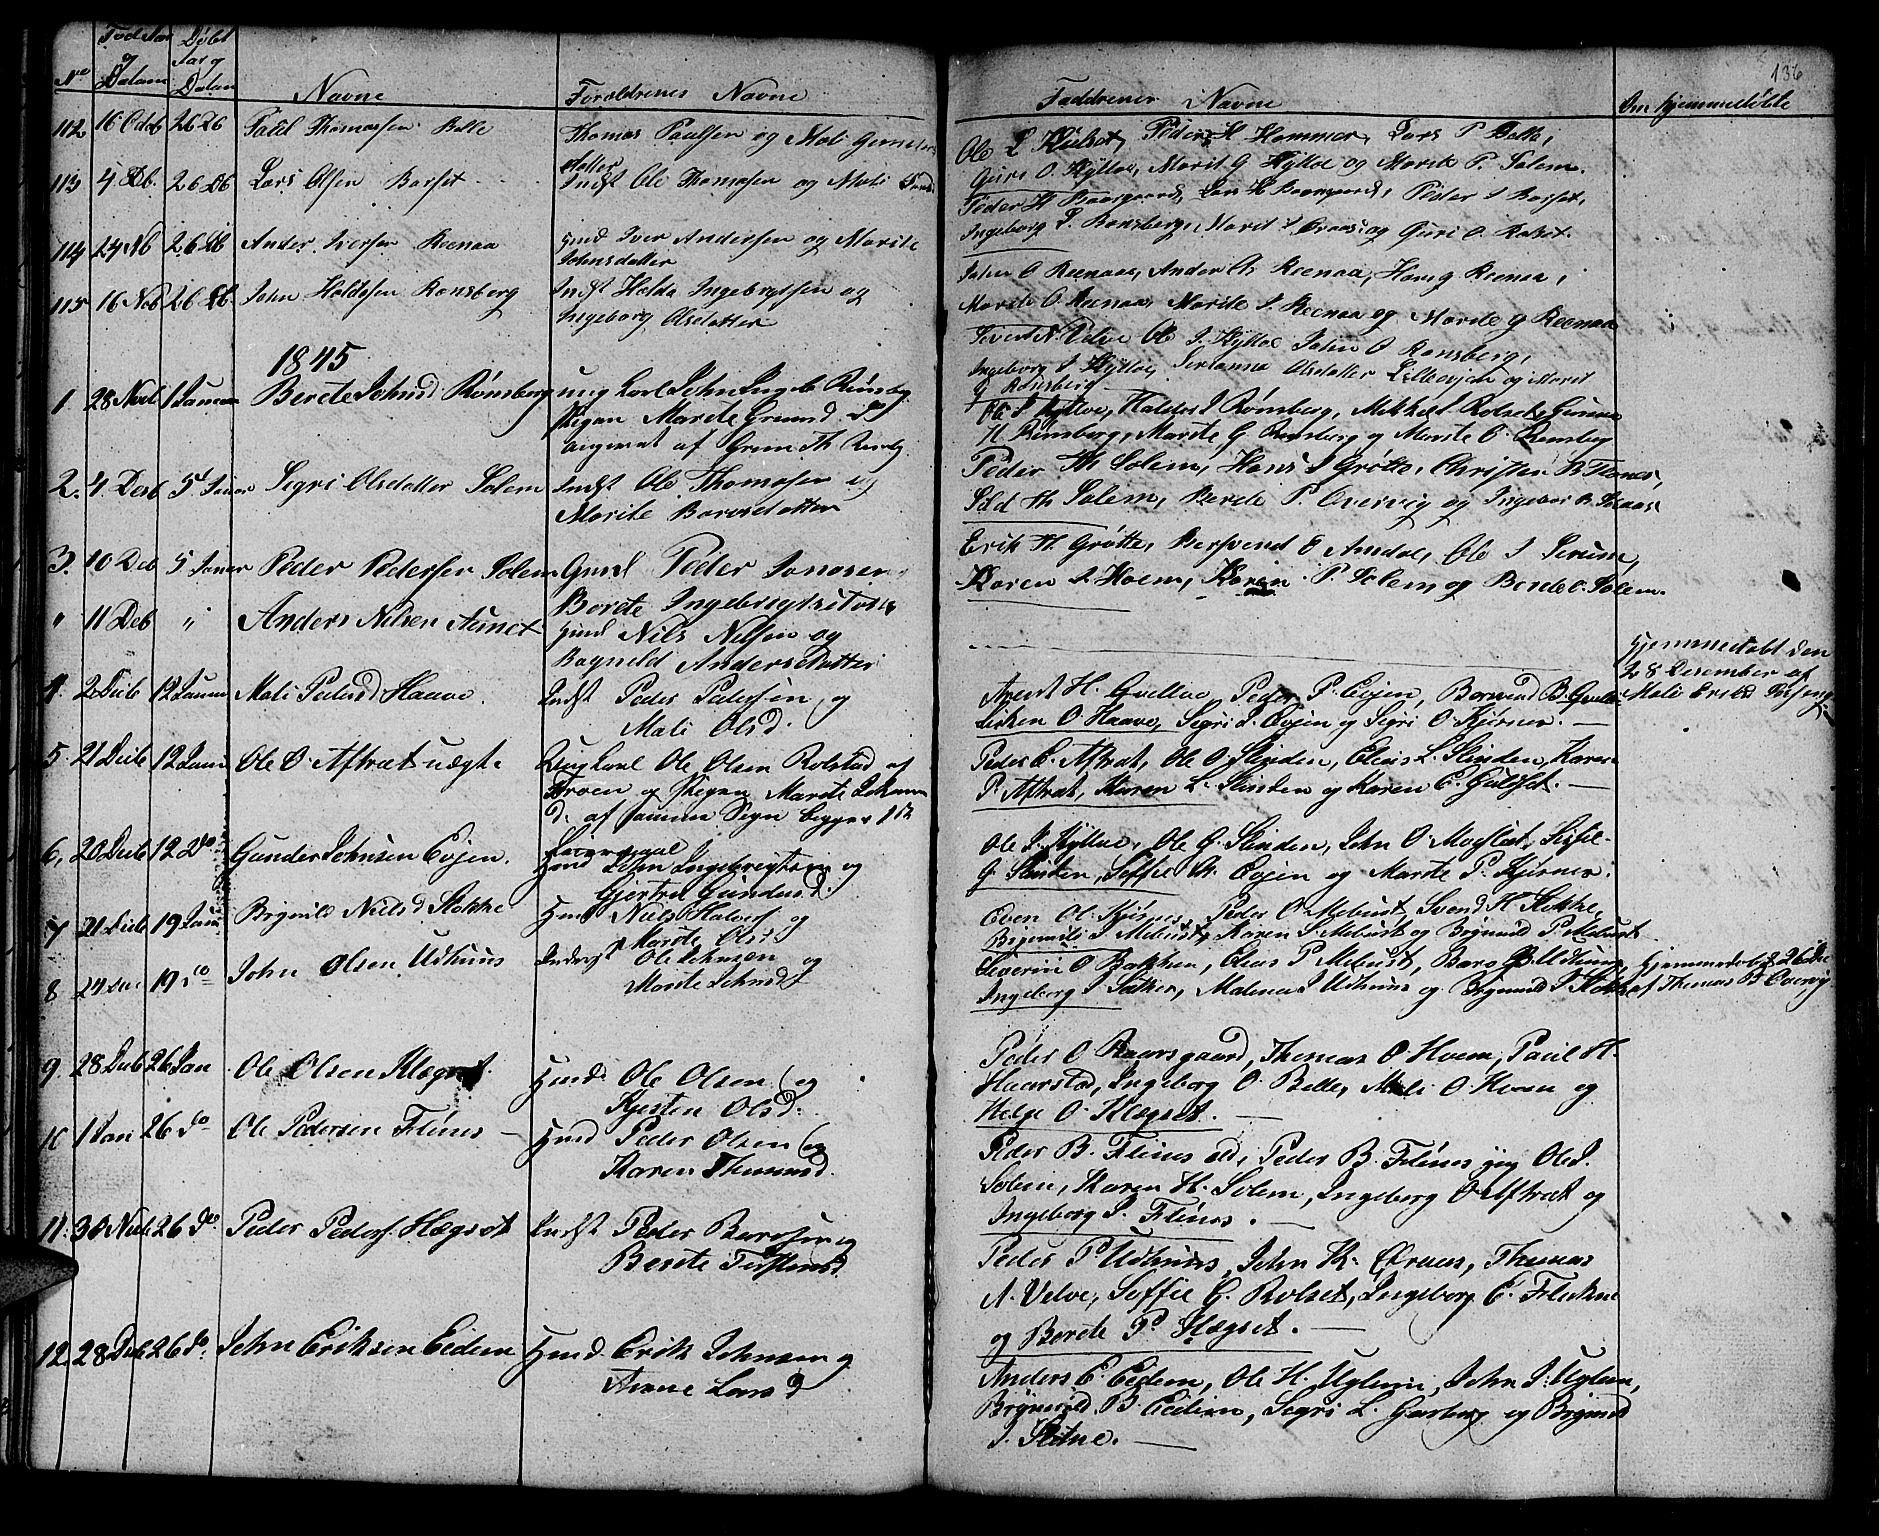 SAT, Ministerialprotokoller, klokkerbøker og fødselsregistre - Sør-Trøndelag, 695/L1154: Klokkerbok nr. 695C05, 1842-1858, s. 136